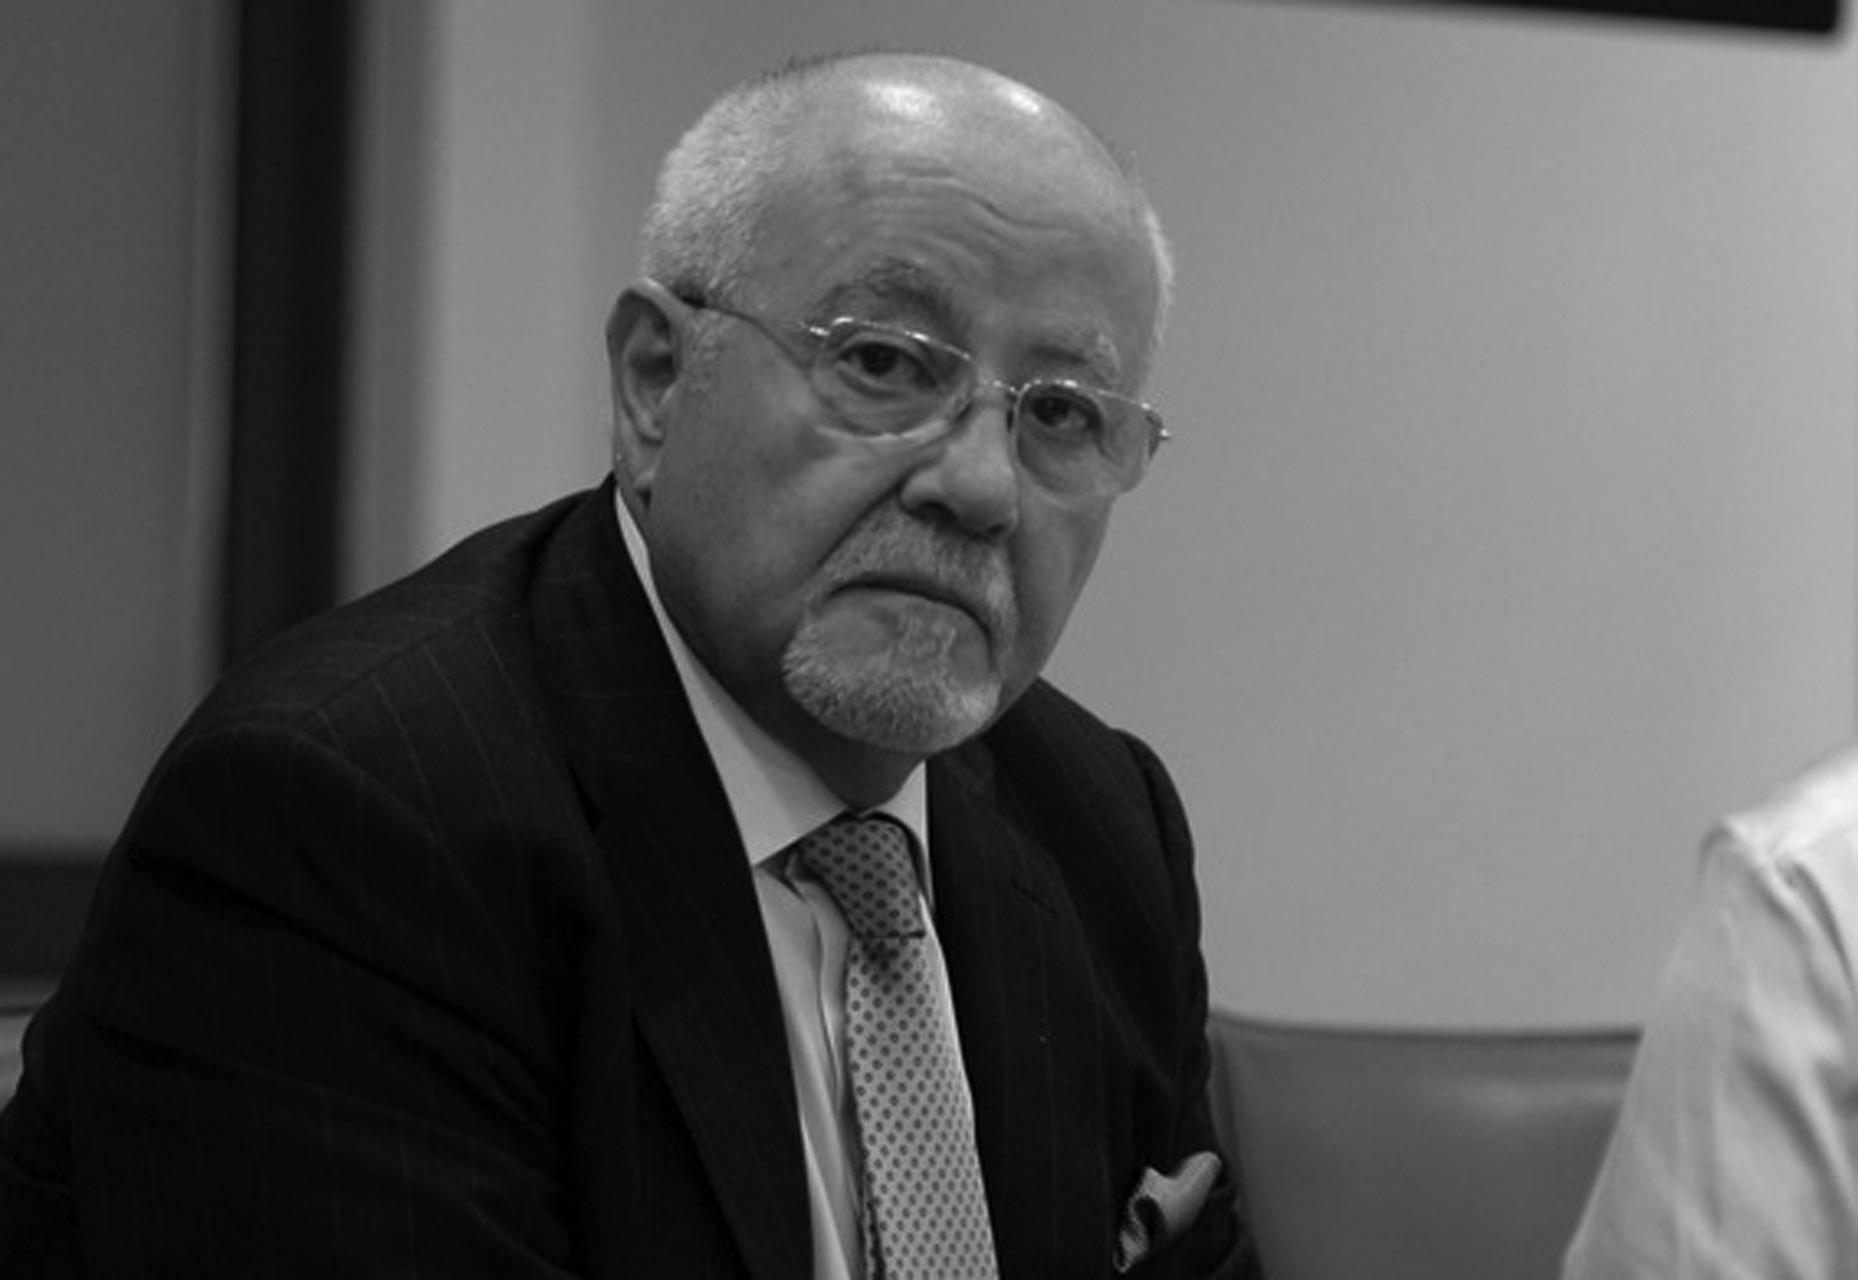 COVID-19: Έφυγε από τη ζωή σε ηλικία 76 ετών ο ιδρυτής της Βιοϊατρικής, Ευάγγελος Σπανός